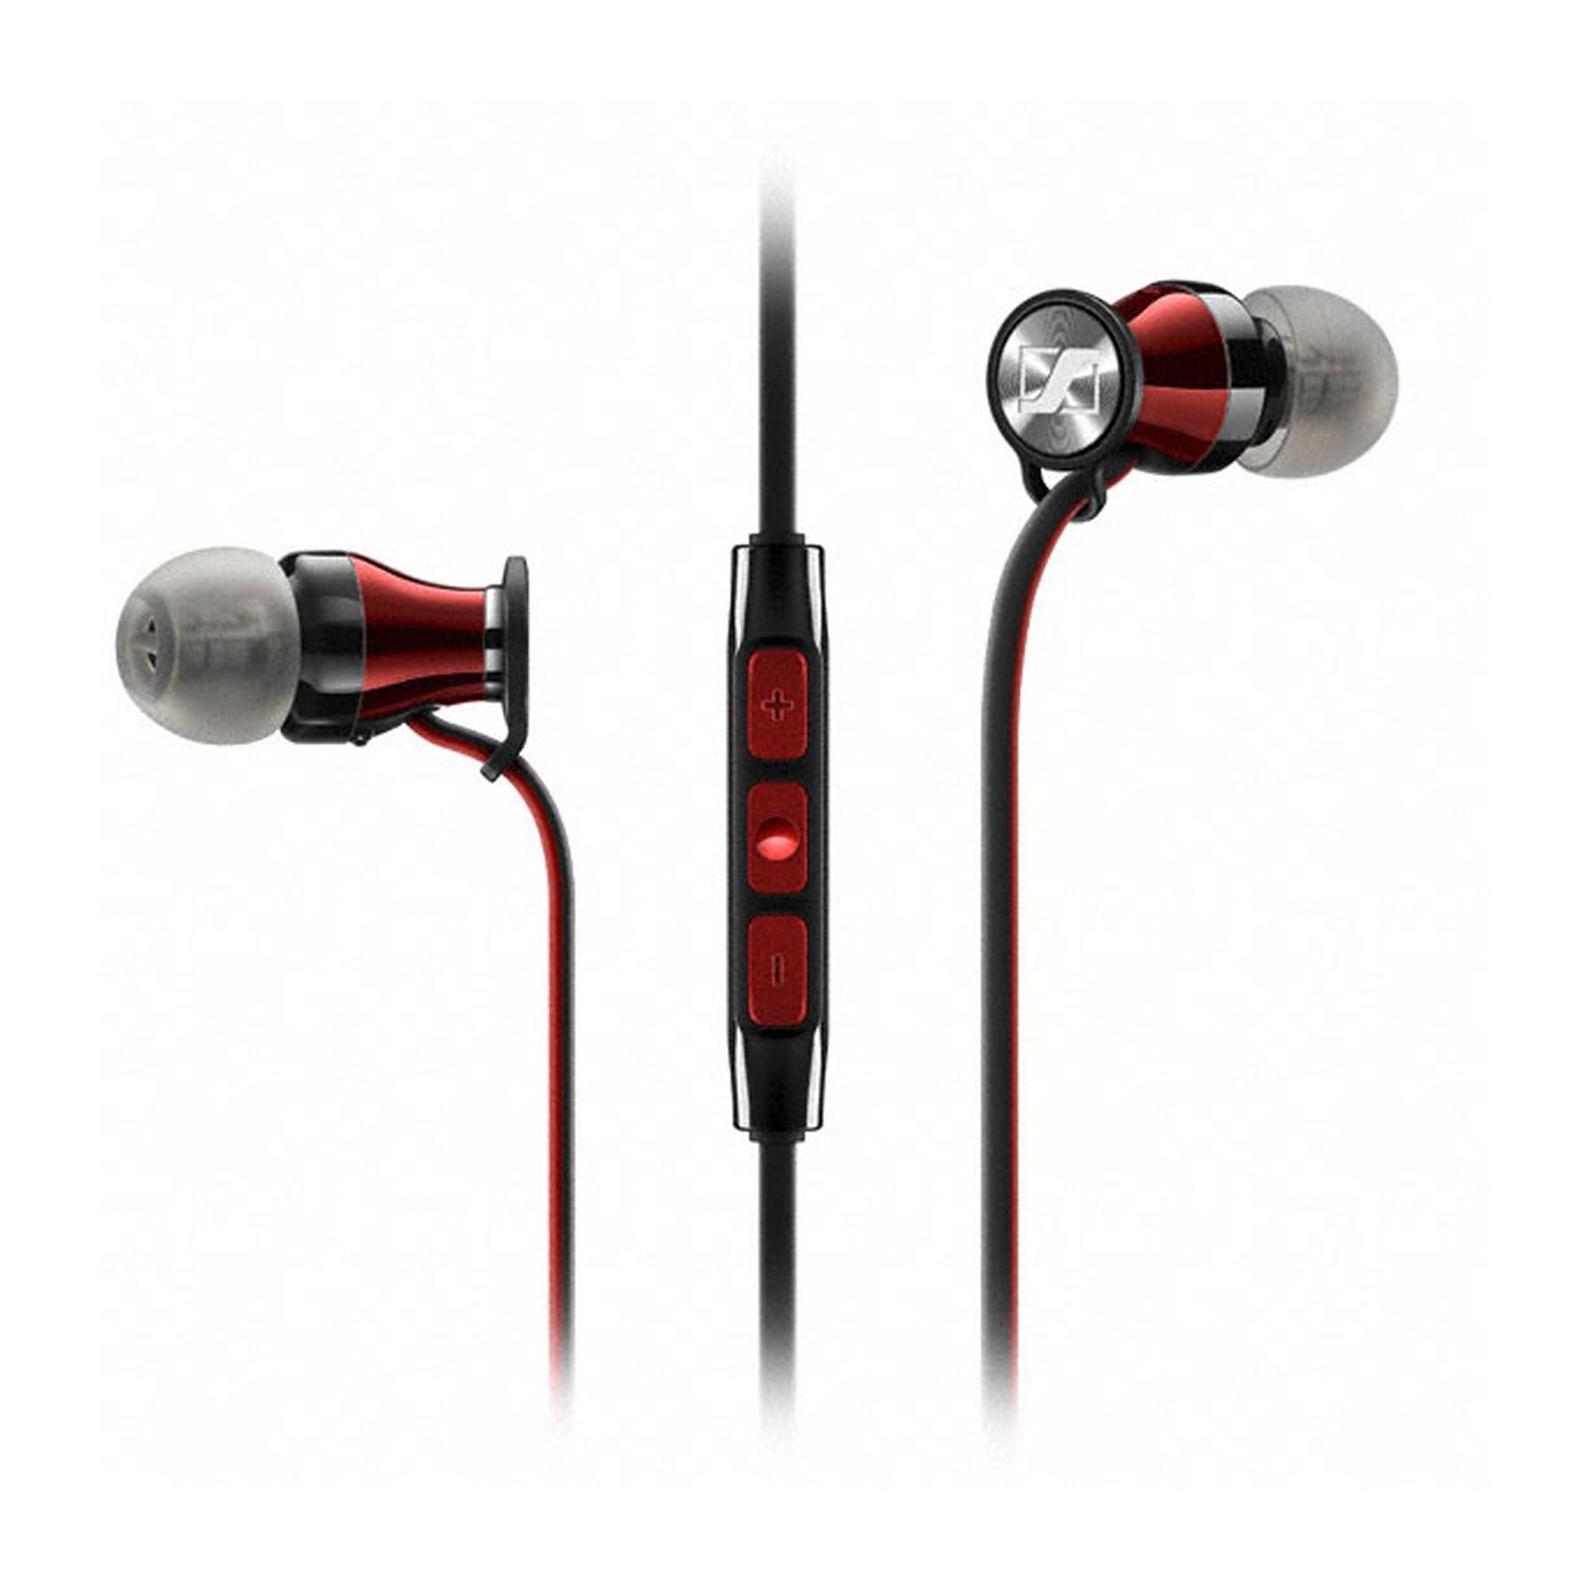 Sennheiser Momentum In-Ear M2 IEG наушники506244Новый член семейства MOMENTUM – внутриканальные MOMENTUM In-Ear сохраняют единство стиля, объединяя роскошный внешний вид с превосходным звучанием MOMENTUM In-Ear продвигают концепцию наушников на новый уровень. Сочетание элегантного вида, эргономичного дизайна и инновационной акустической инженерии обеспечивает невероятно богатое и сбалансированное звучание В истинно миниатюрных наушниках MOMENTUM In-Ear заключен не только бескомпромиссный звук, поражает и количество технологичных деталей – от прецизионных воздуховодов из нержавеющей стали до 3-кнопочного многофункционального пульта управления с микрофоном Дизайн наушников MOMENTUM In-Ear изыскан и лаконичен. Более 200 контрастных красных стежков украшают черную молнию на чехле для защиты Ваших наушников. Красно-черный кабель выходит из глянцевых красных корпусов. Со знанием дела спроектированы и ушные адаптеры для индивидуальной подгонки, с помощью которых наушники сидят как влитые Вы...